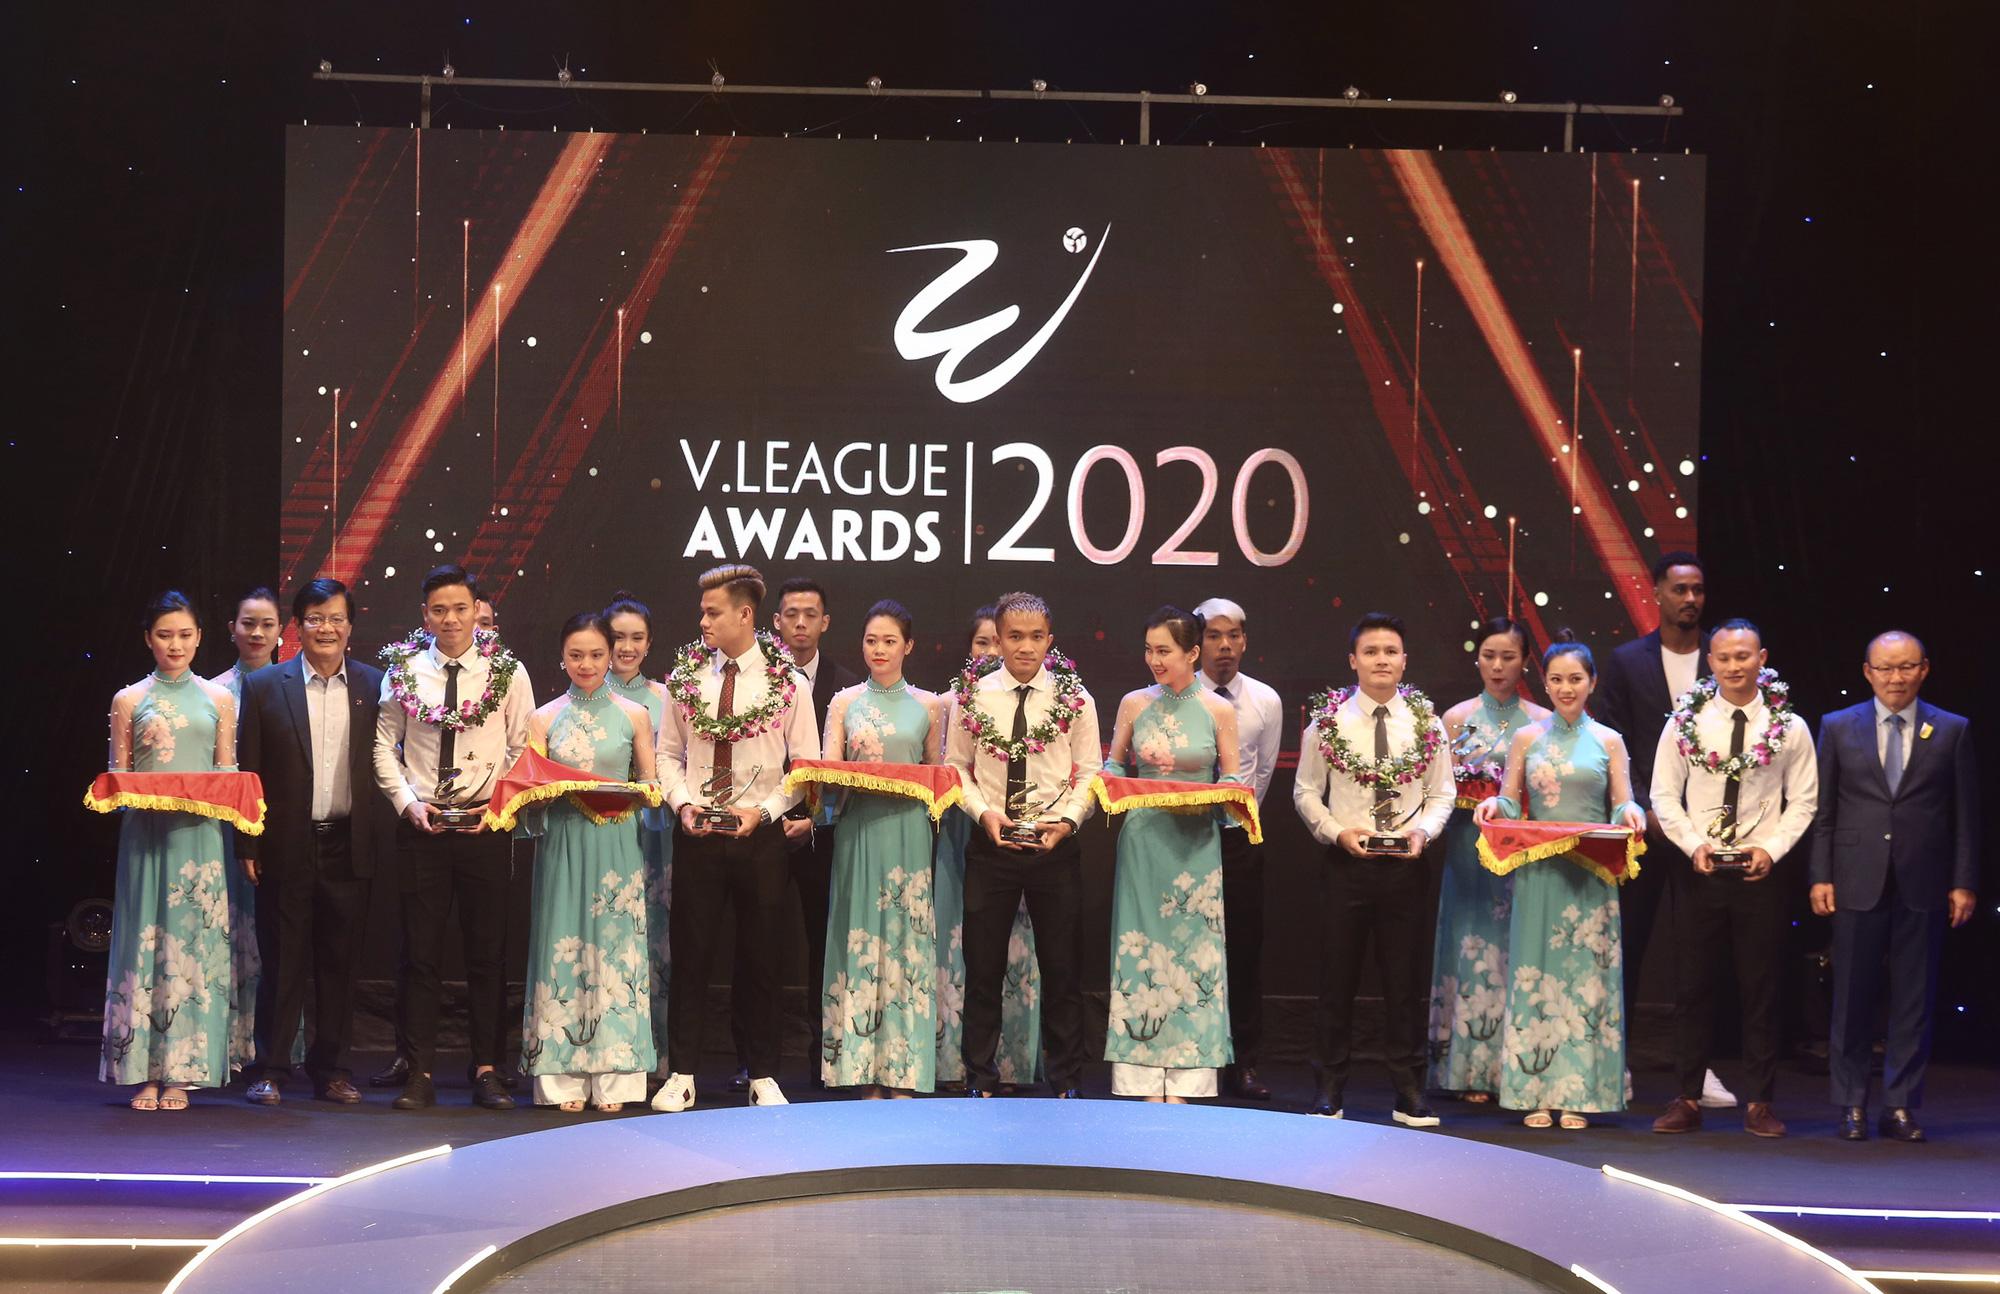 Văn Quyết,HLV Trương Việt Hoàng tỏa sáng tại V.League Awards 2020 - Ảnh 5.